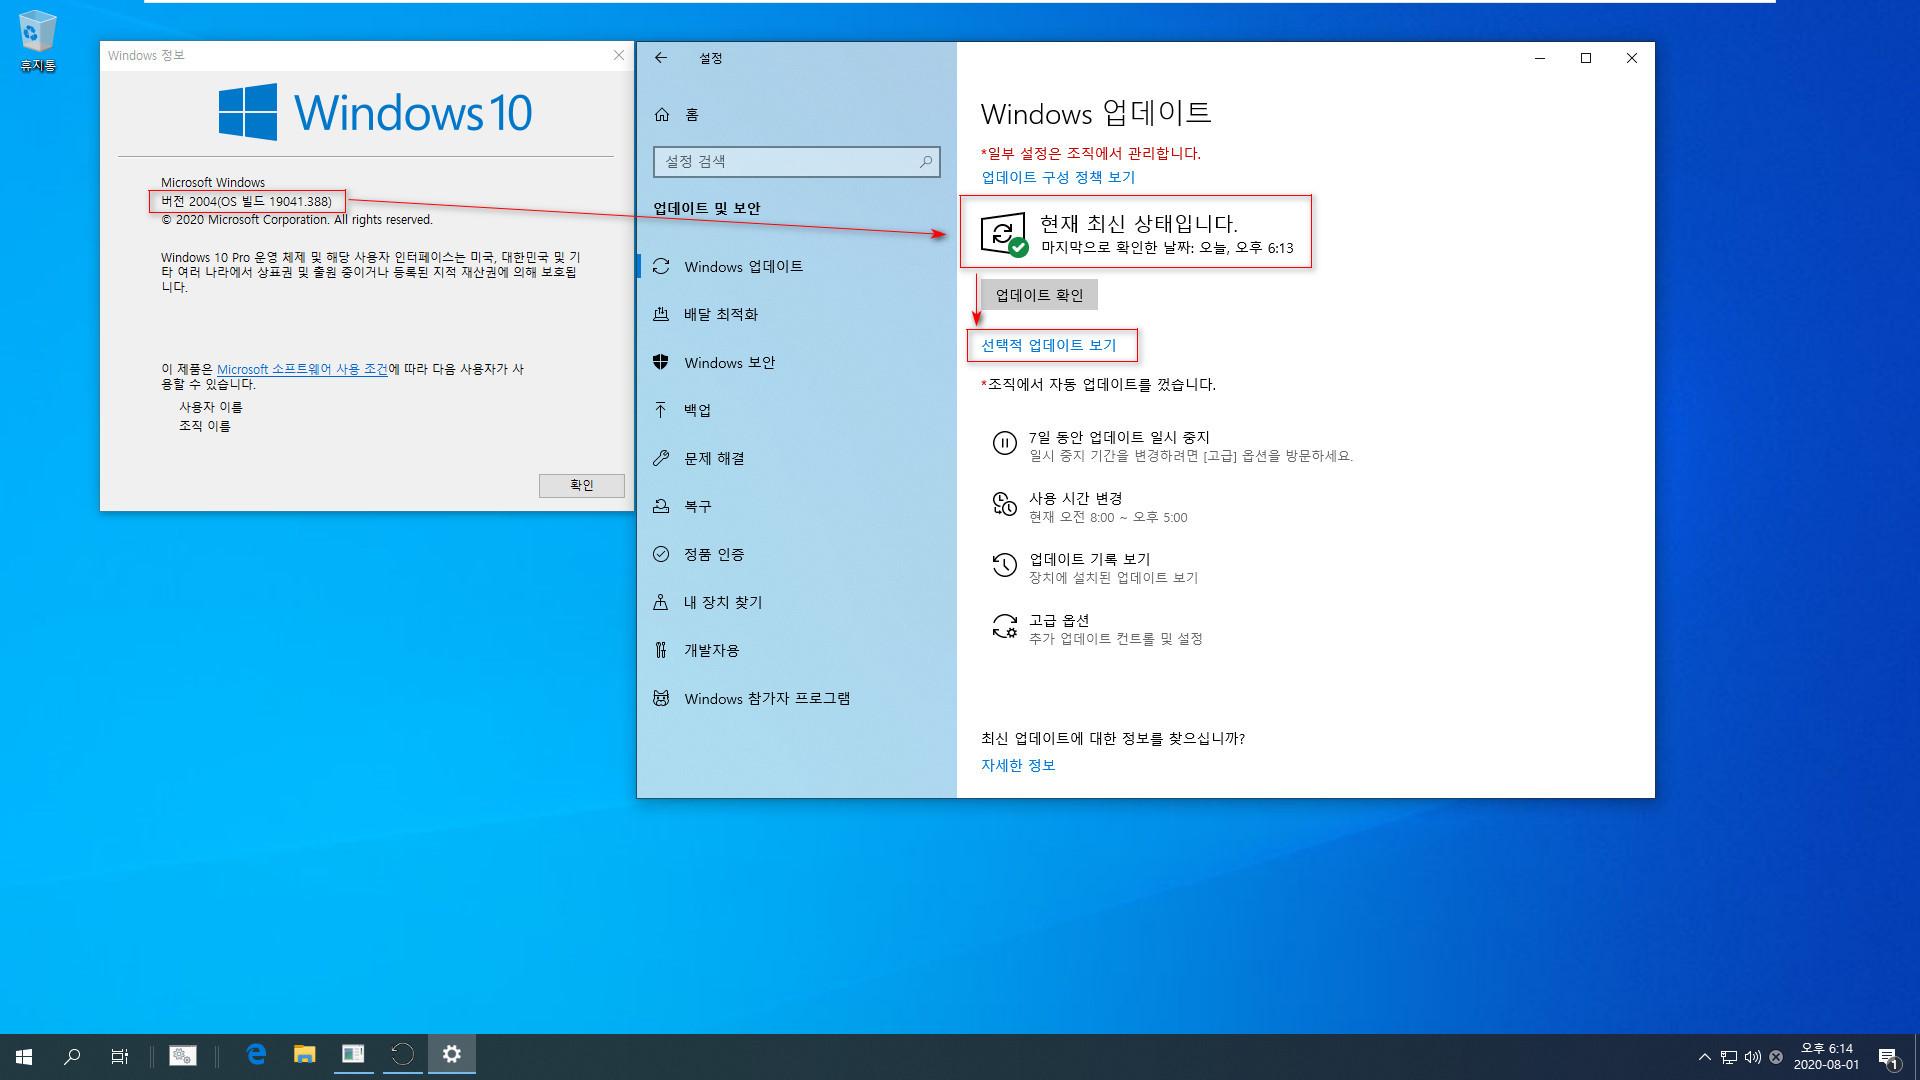 Windows 10 버전 2004, 19041.423빌드 누적 업데이트 KB4568831 나왔네요 - 자동 업데이트(정식 업데이트)가 아니라 선택적 업데이트(프리뷰)에만 나왔습니다 2020-08-01_181425.jpg